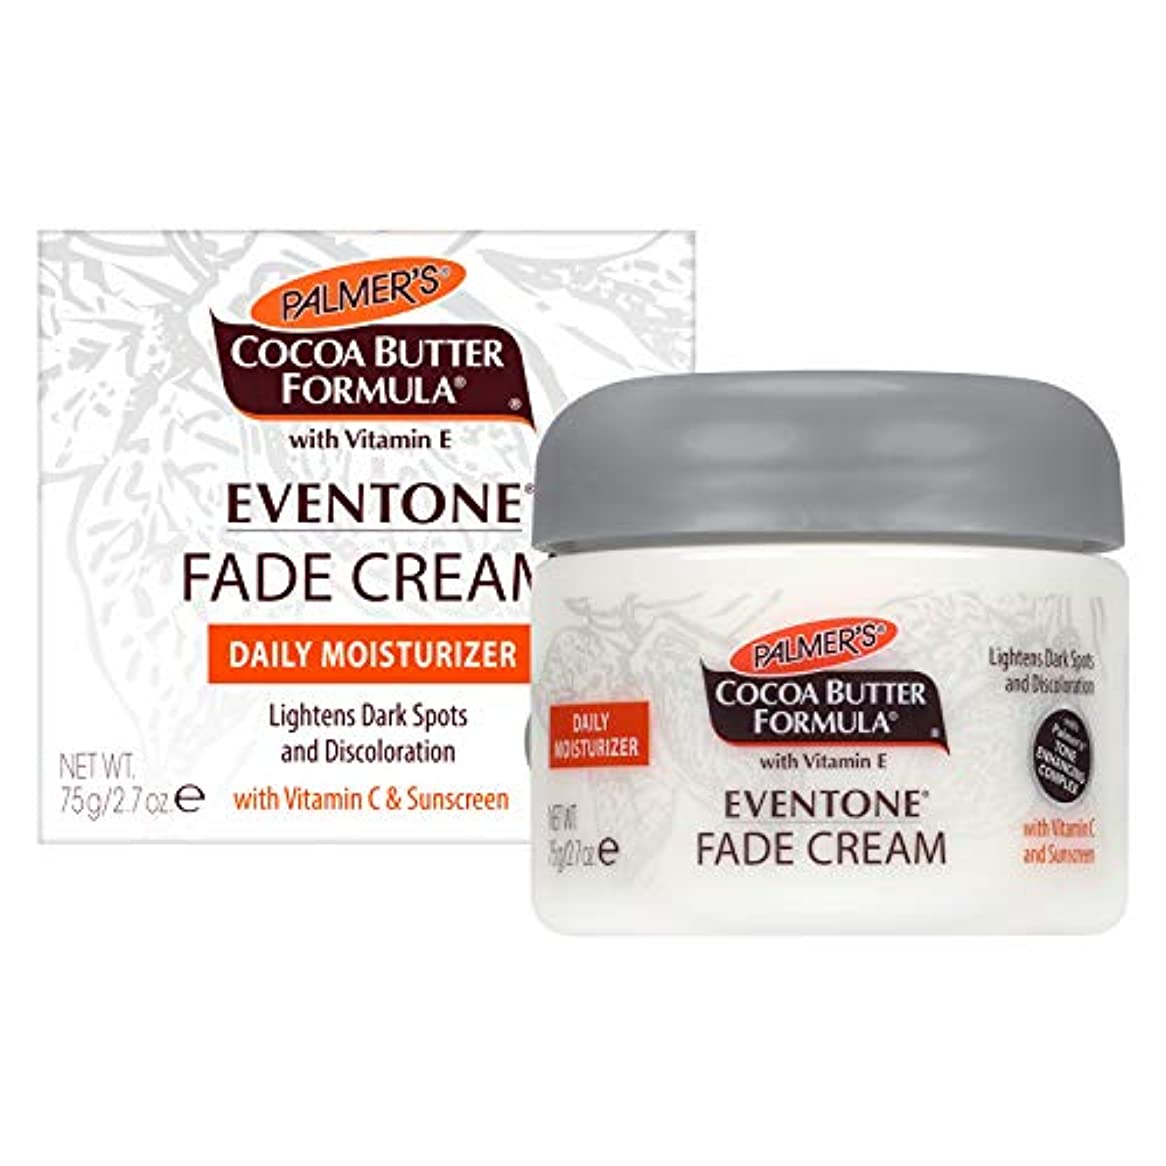 成熟したモバイル接続されたCocoa Butter Eventone Fade Cream